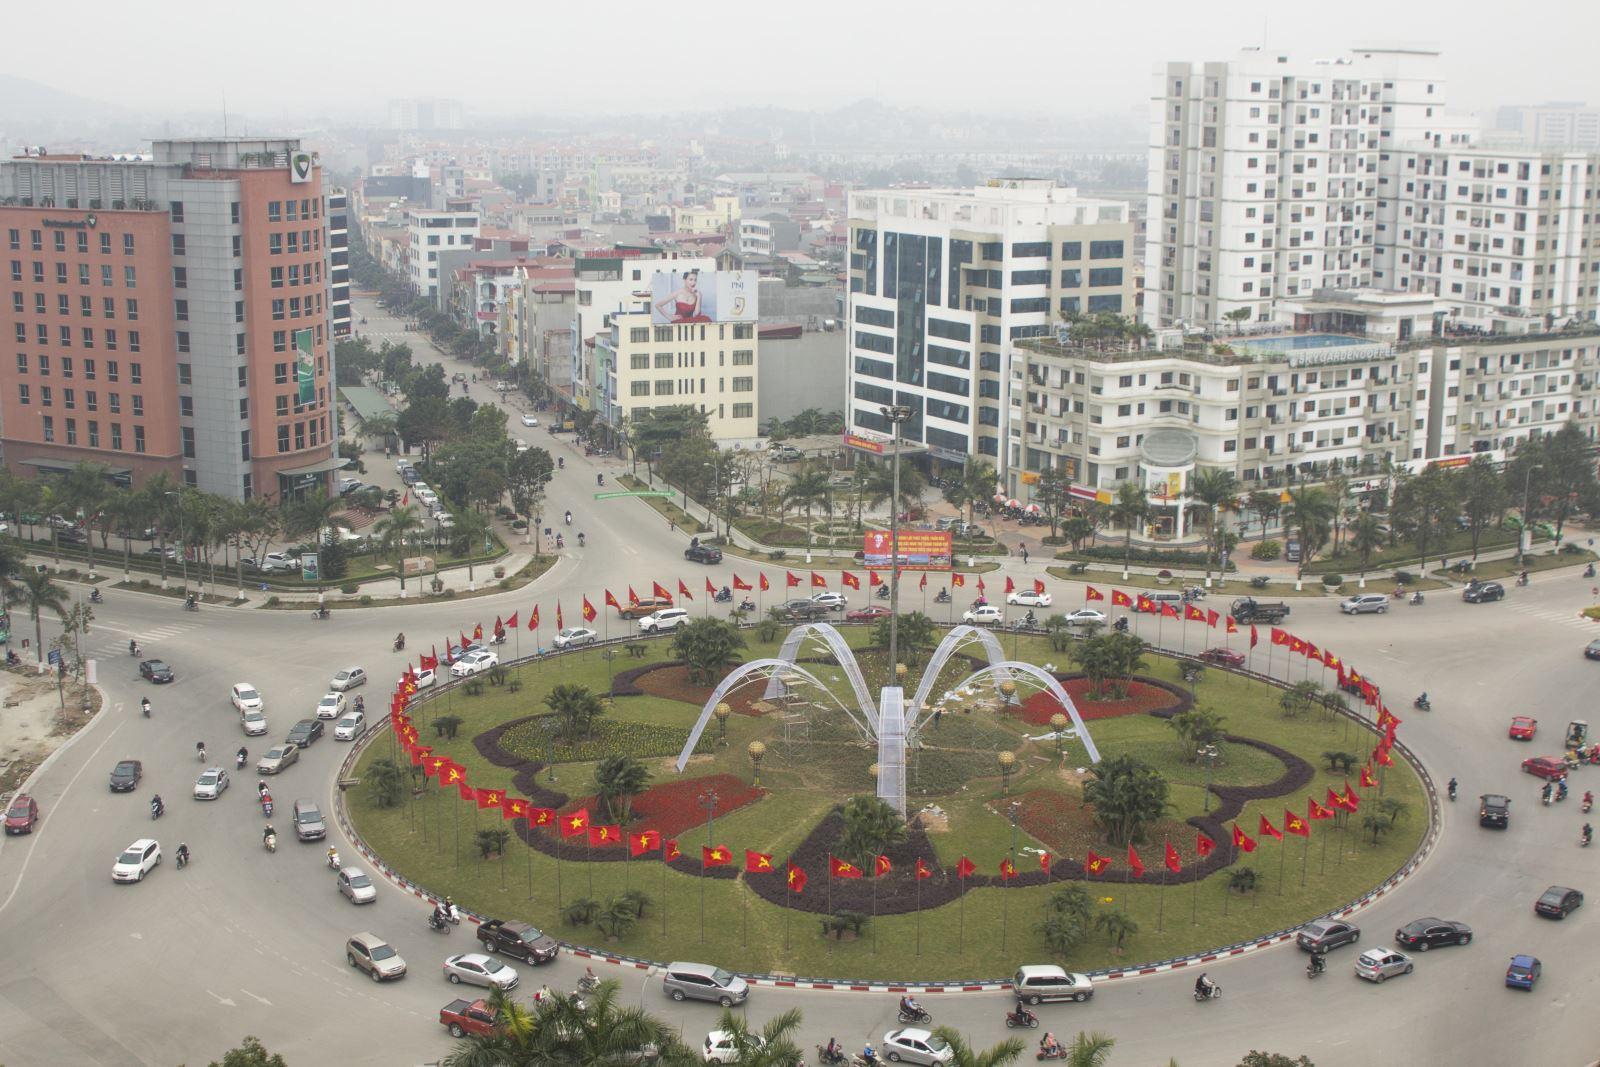 Phấn đấu xây dựng tỉnh Bắc Ninh trở thành thành phố trực thuộc Trung Ương vào năm 2022